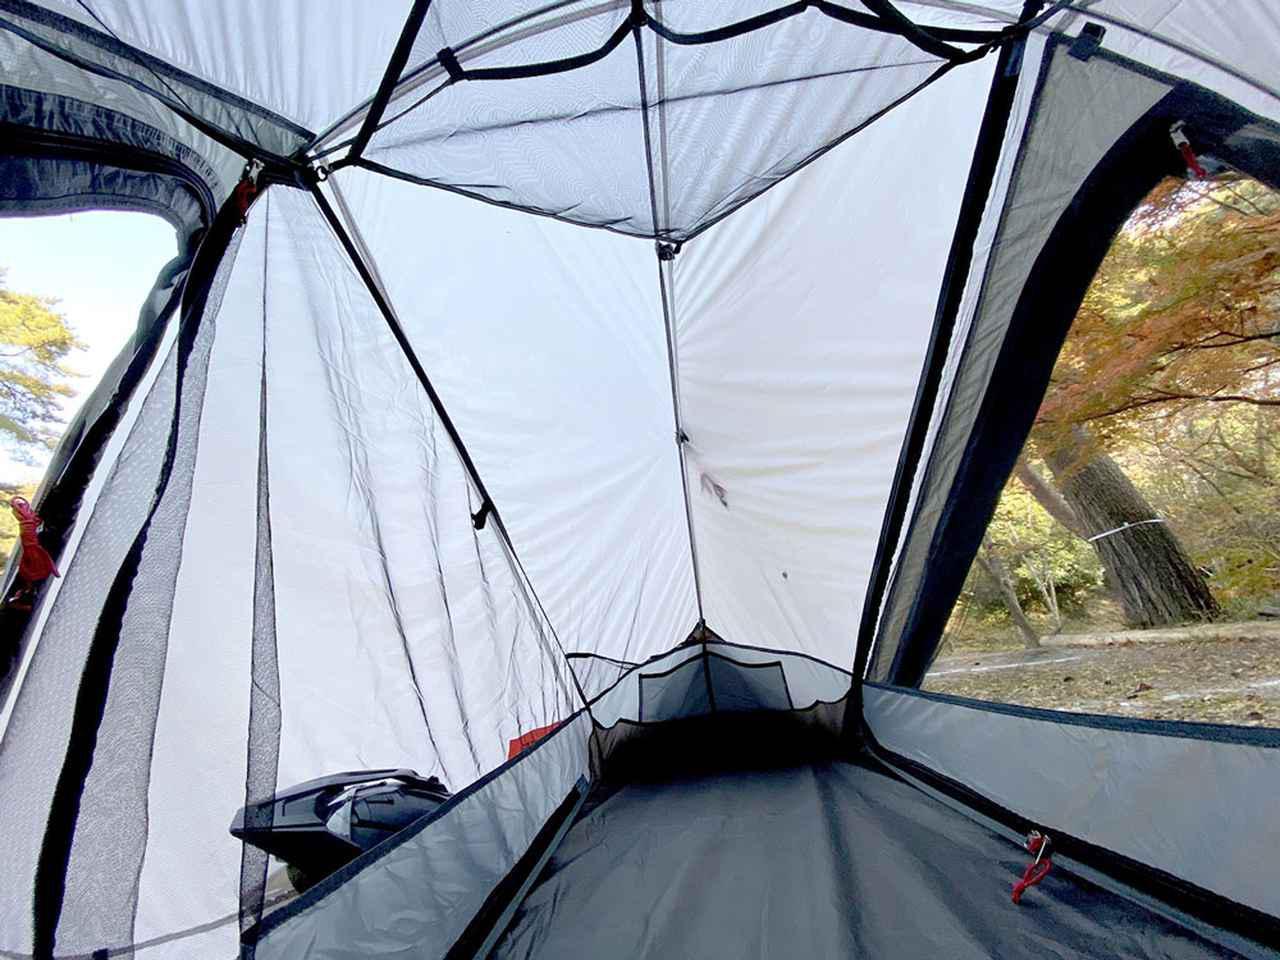 画像: 高く設定された天井高により、ソロテントにありがちな圧迫感を感じることはない。天井にはメッシュ棚が用意され、ランタンや小物を収納できる。また、前後対称にレイアウトされたインナーテントは、二箇所から居室へのアクセスが可能。